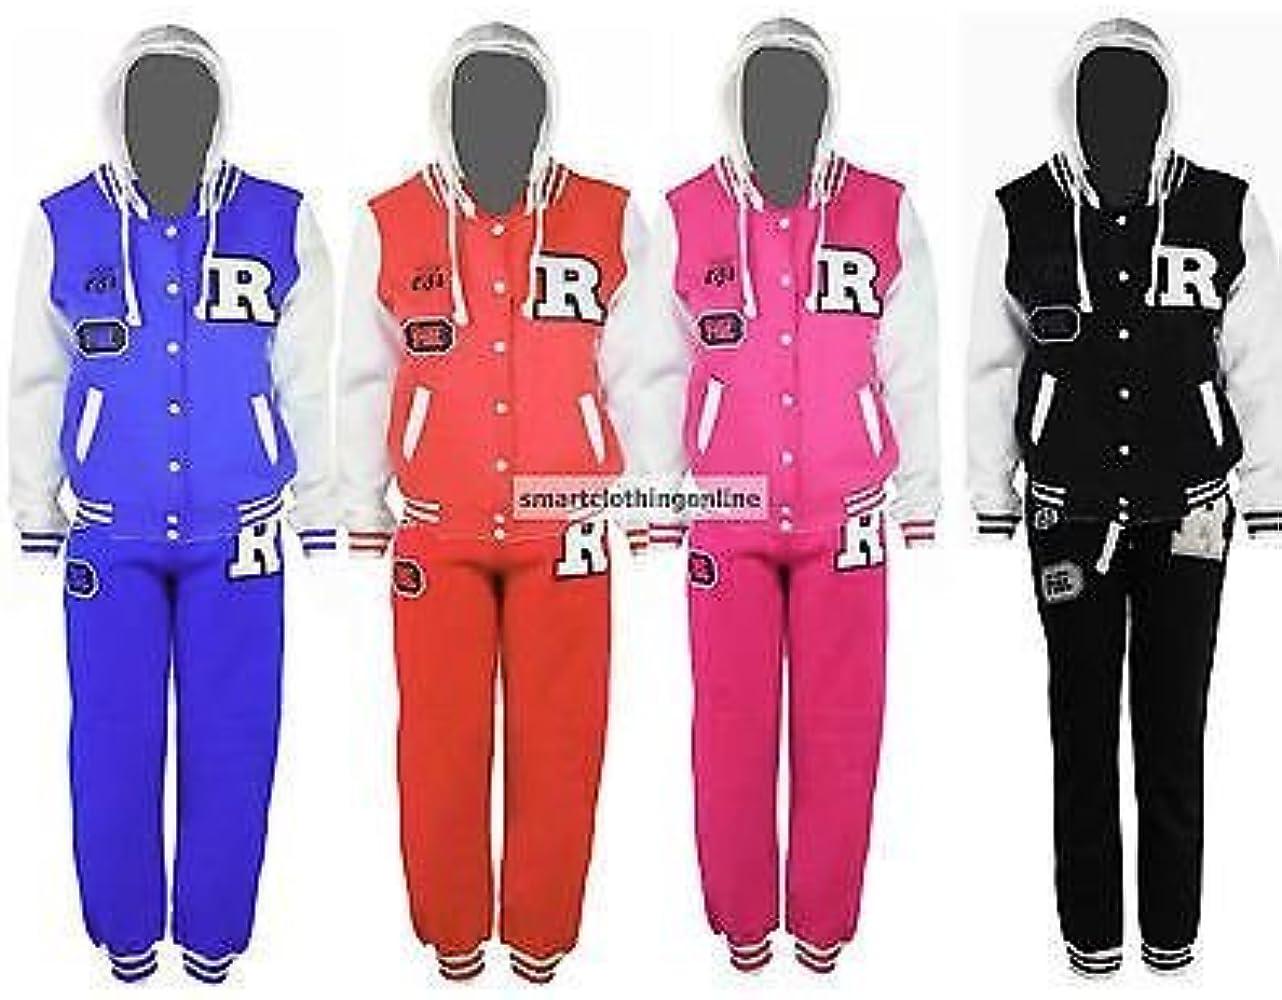 New de forma elegante con un diseño de chicas la ropa en Orlando ...